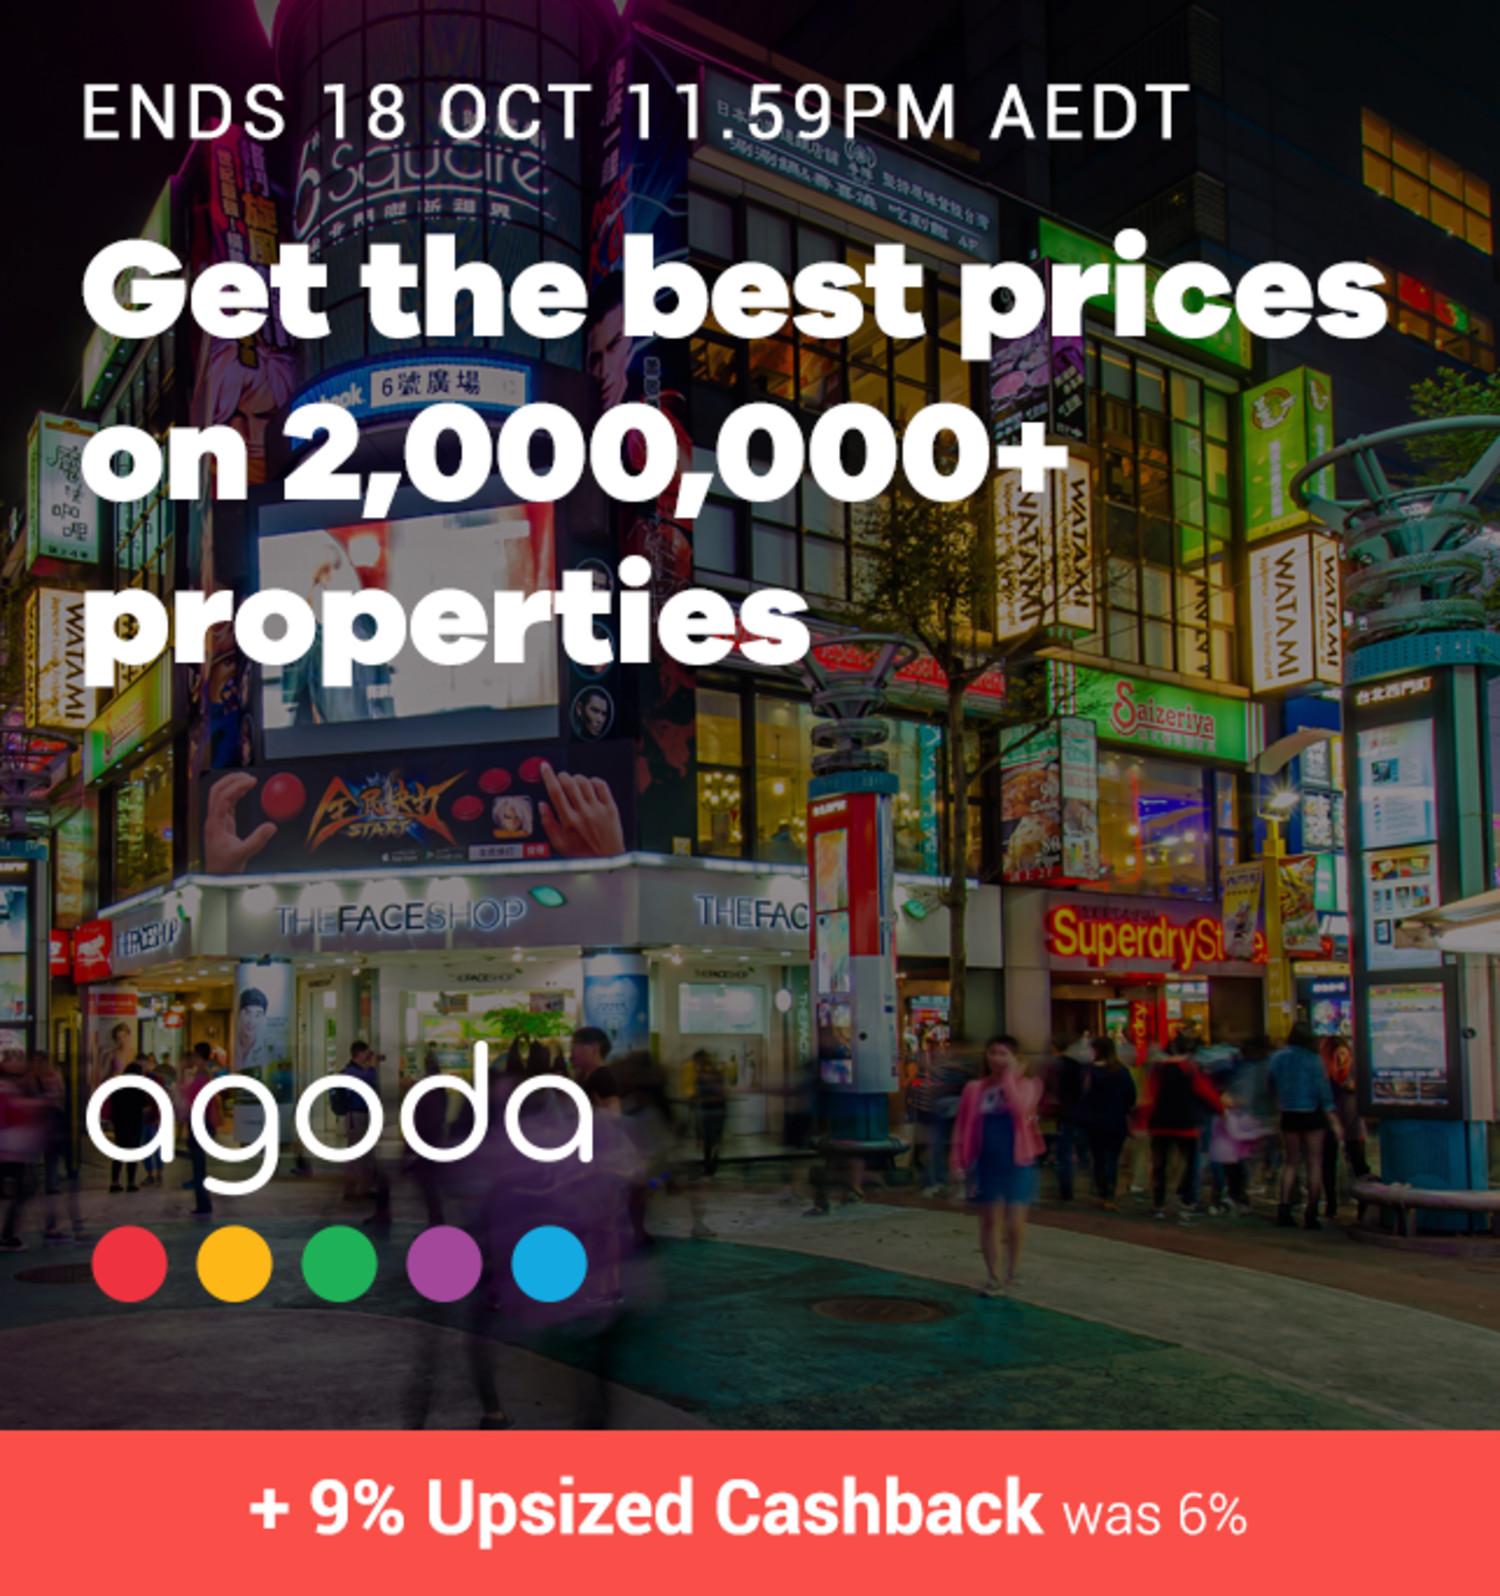 Agoda - 9% Upsized Cashback